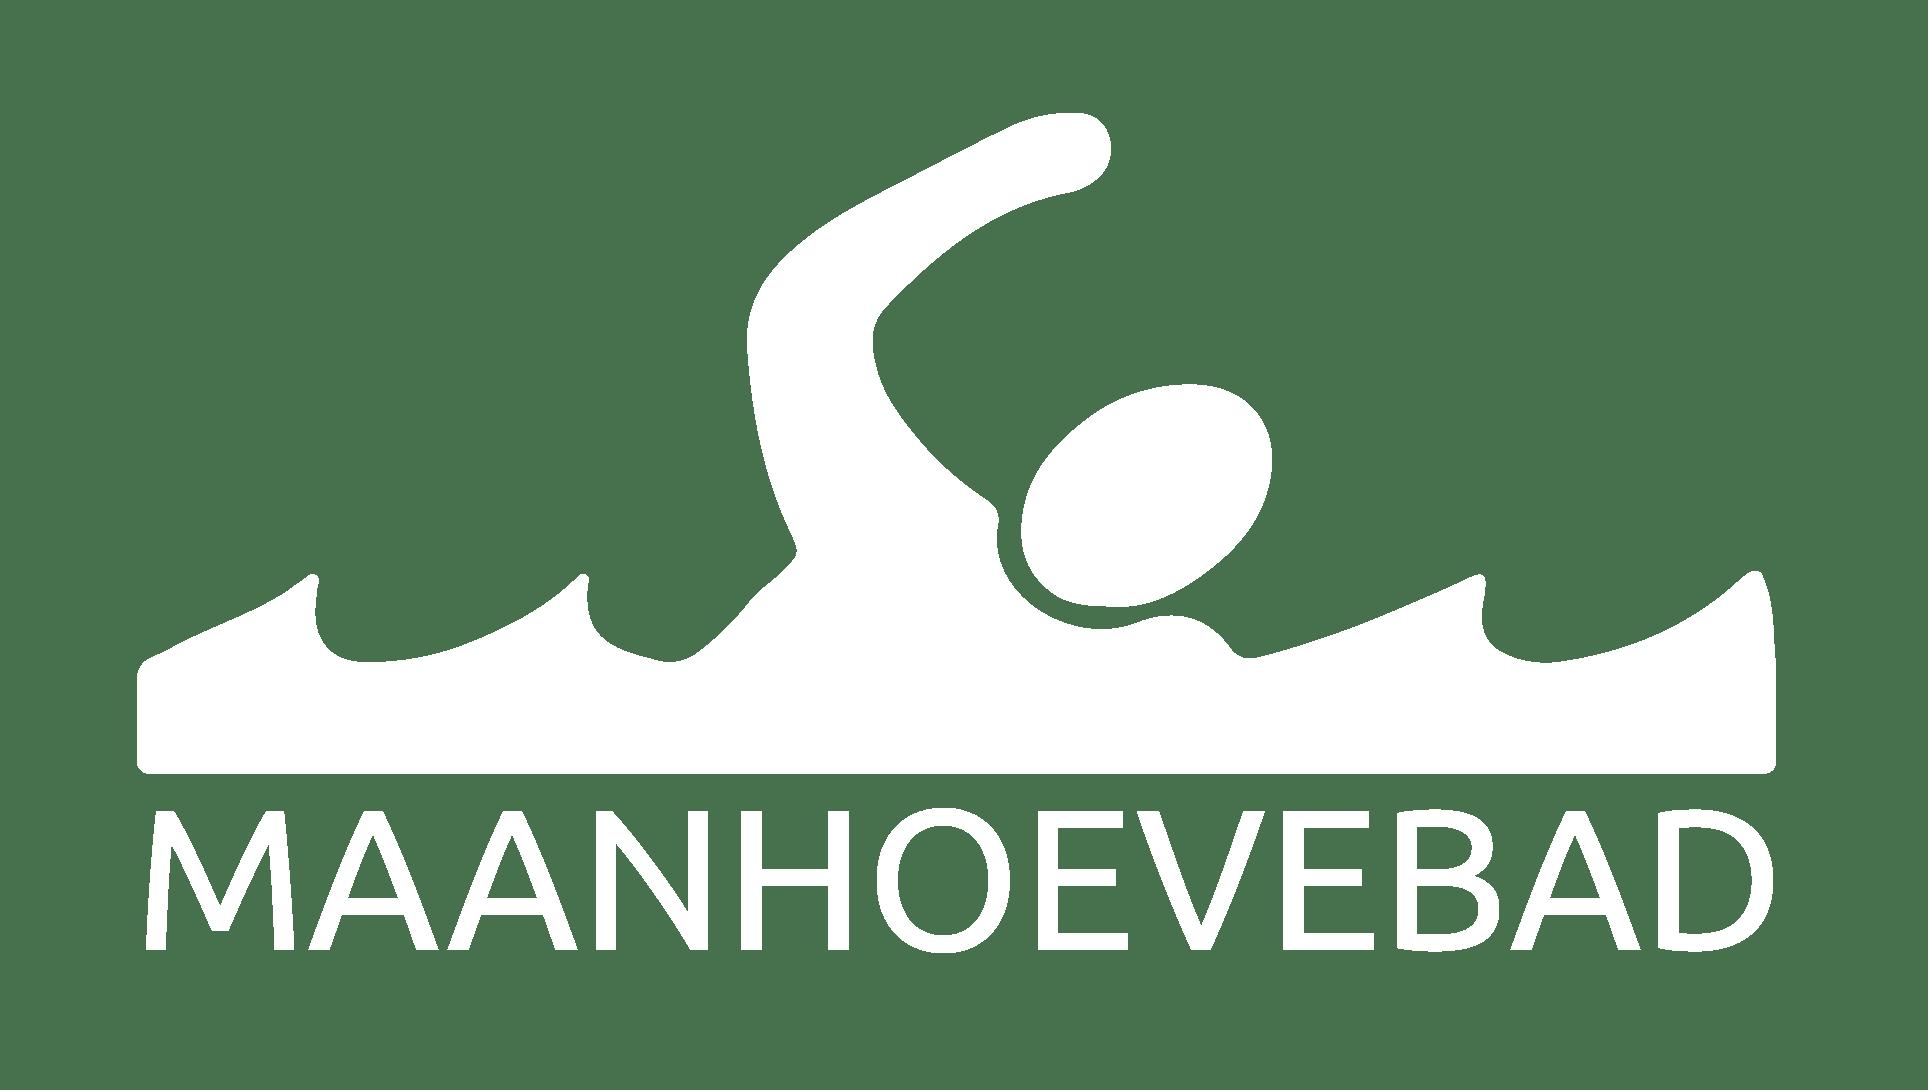 Maanhoevebad logo